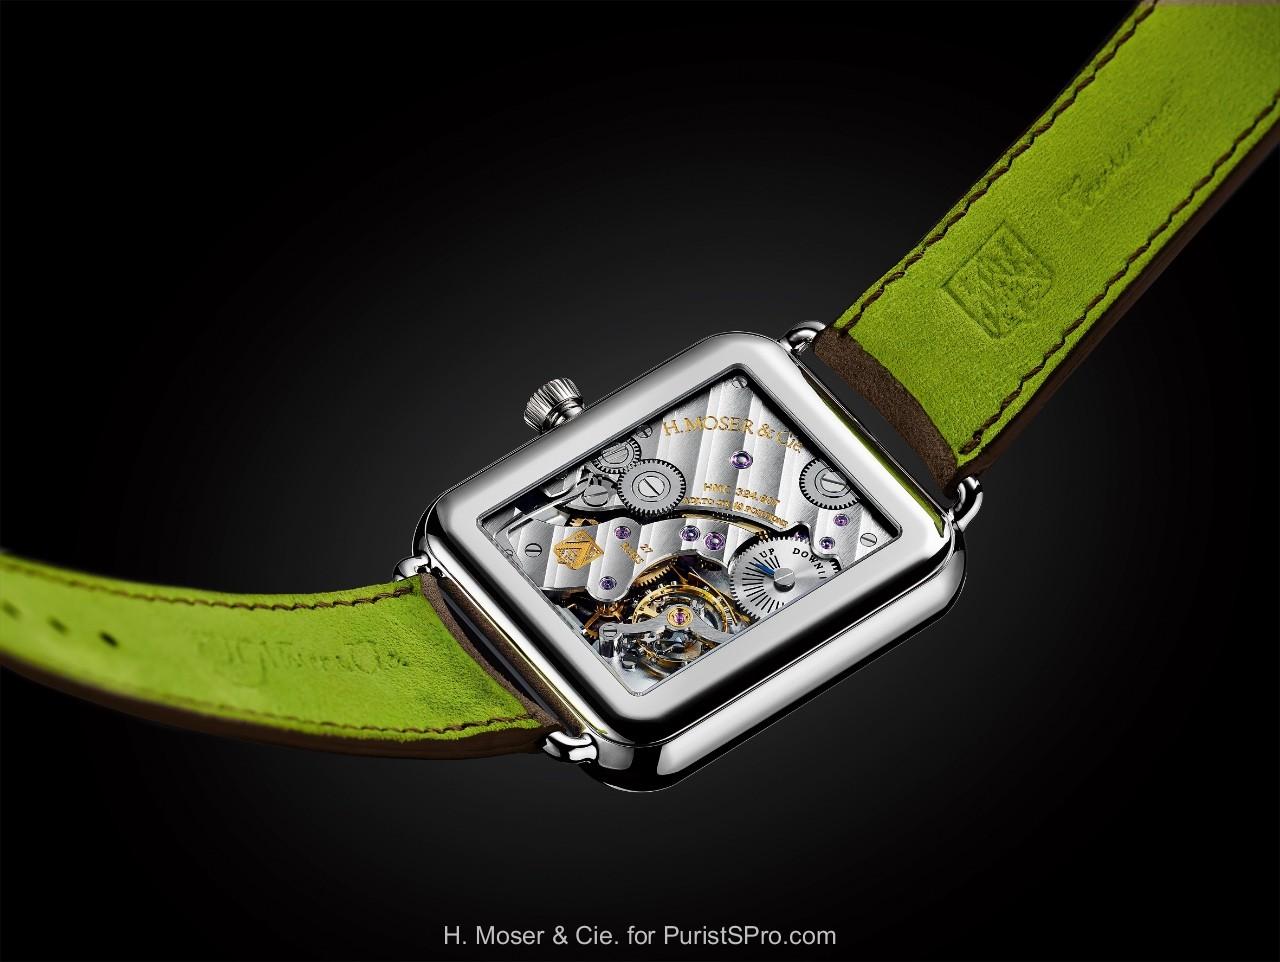 L'Apple Watch de Moser & Cie Home_image.4551603